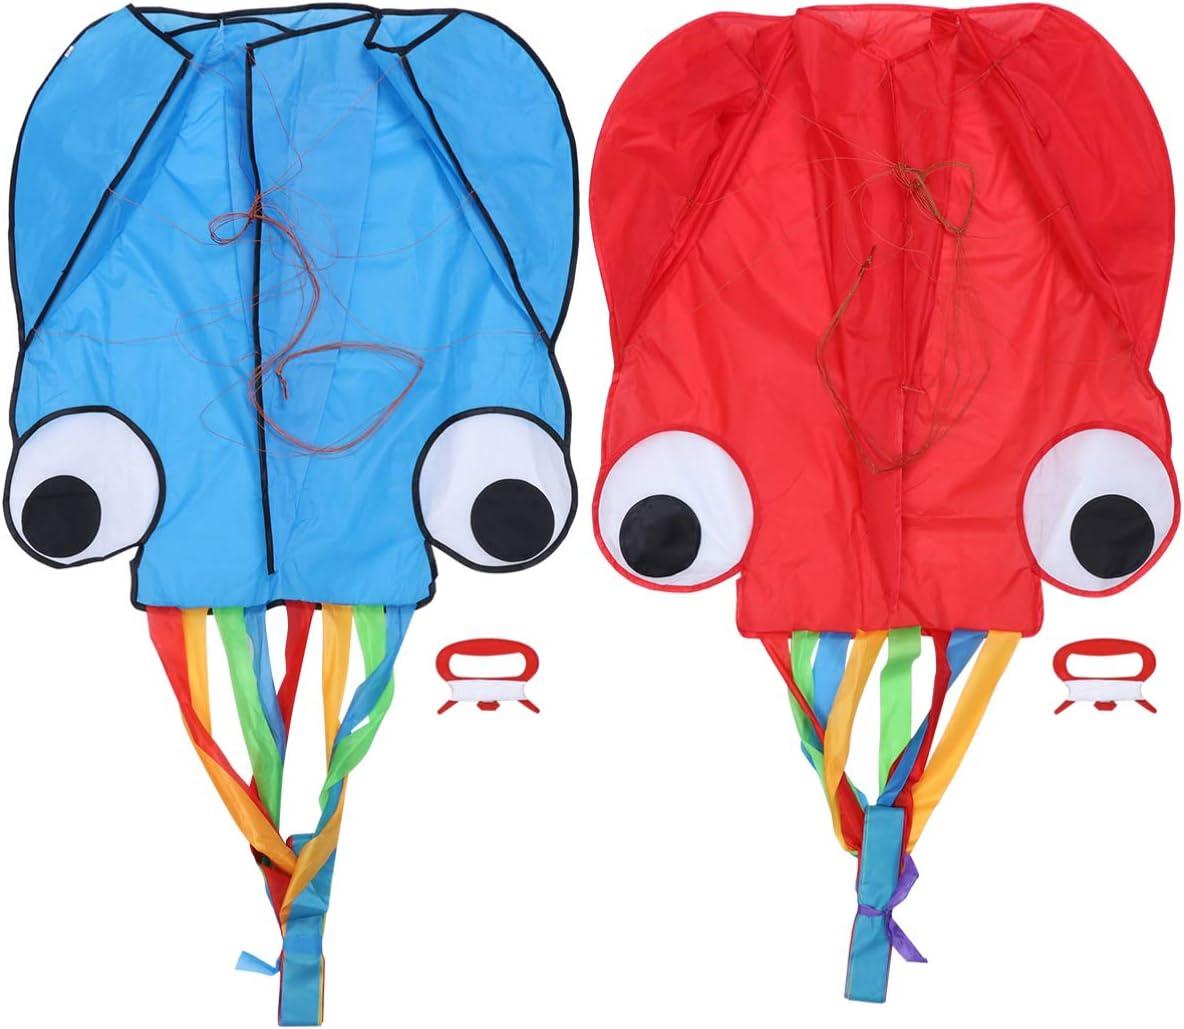 STOBOK Kit de Cometas de 2 Piezas Colores Pulpo Cometa Juguetes 28. 3 Pulgadas de Ancho Cometa Arcoiris para Niños Adultos Actividades Al Aire Libre